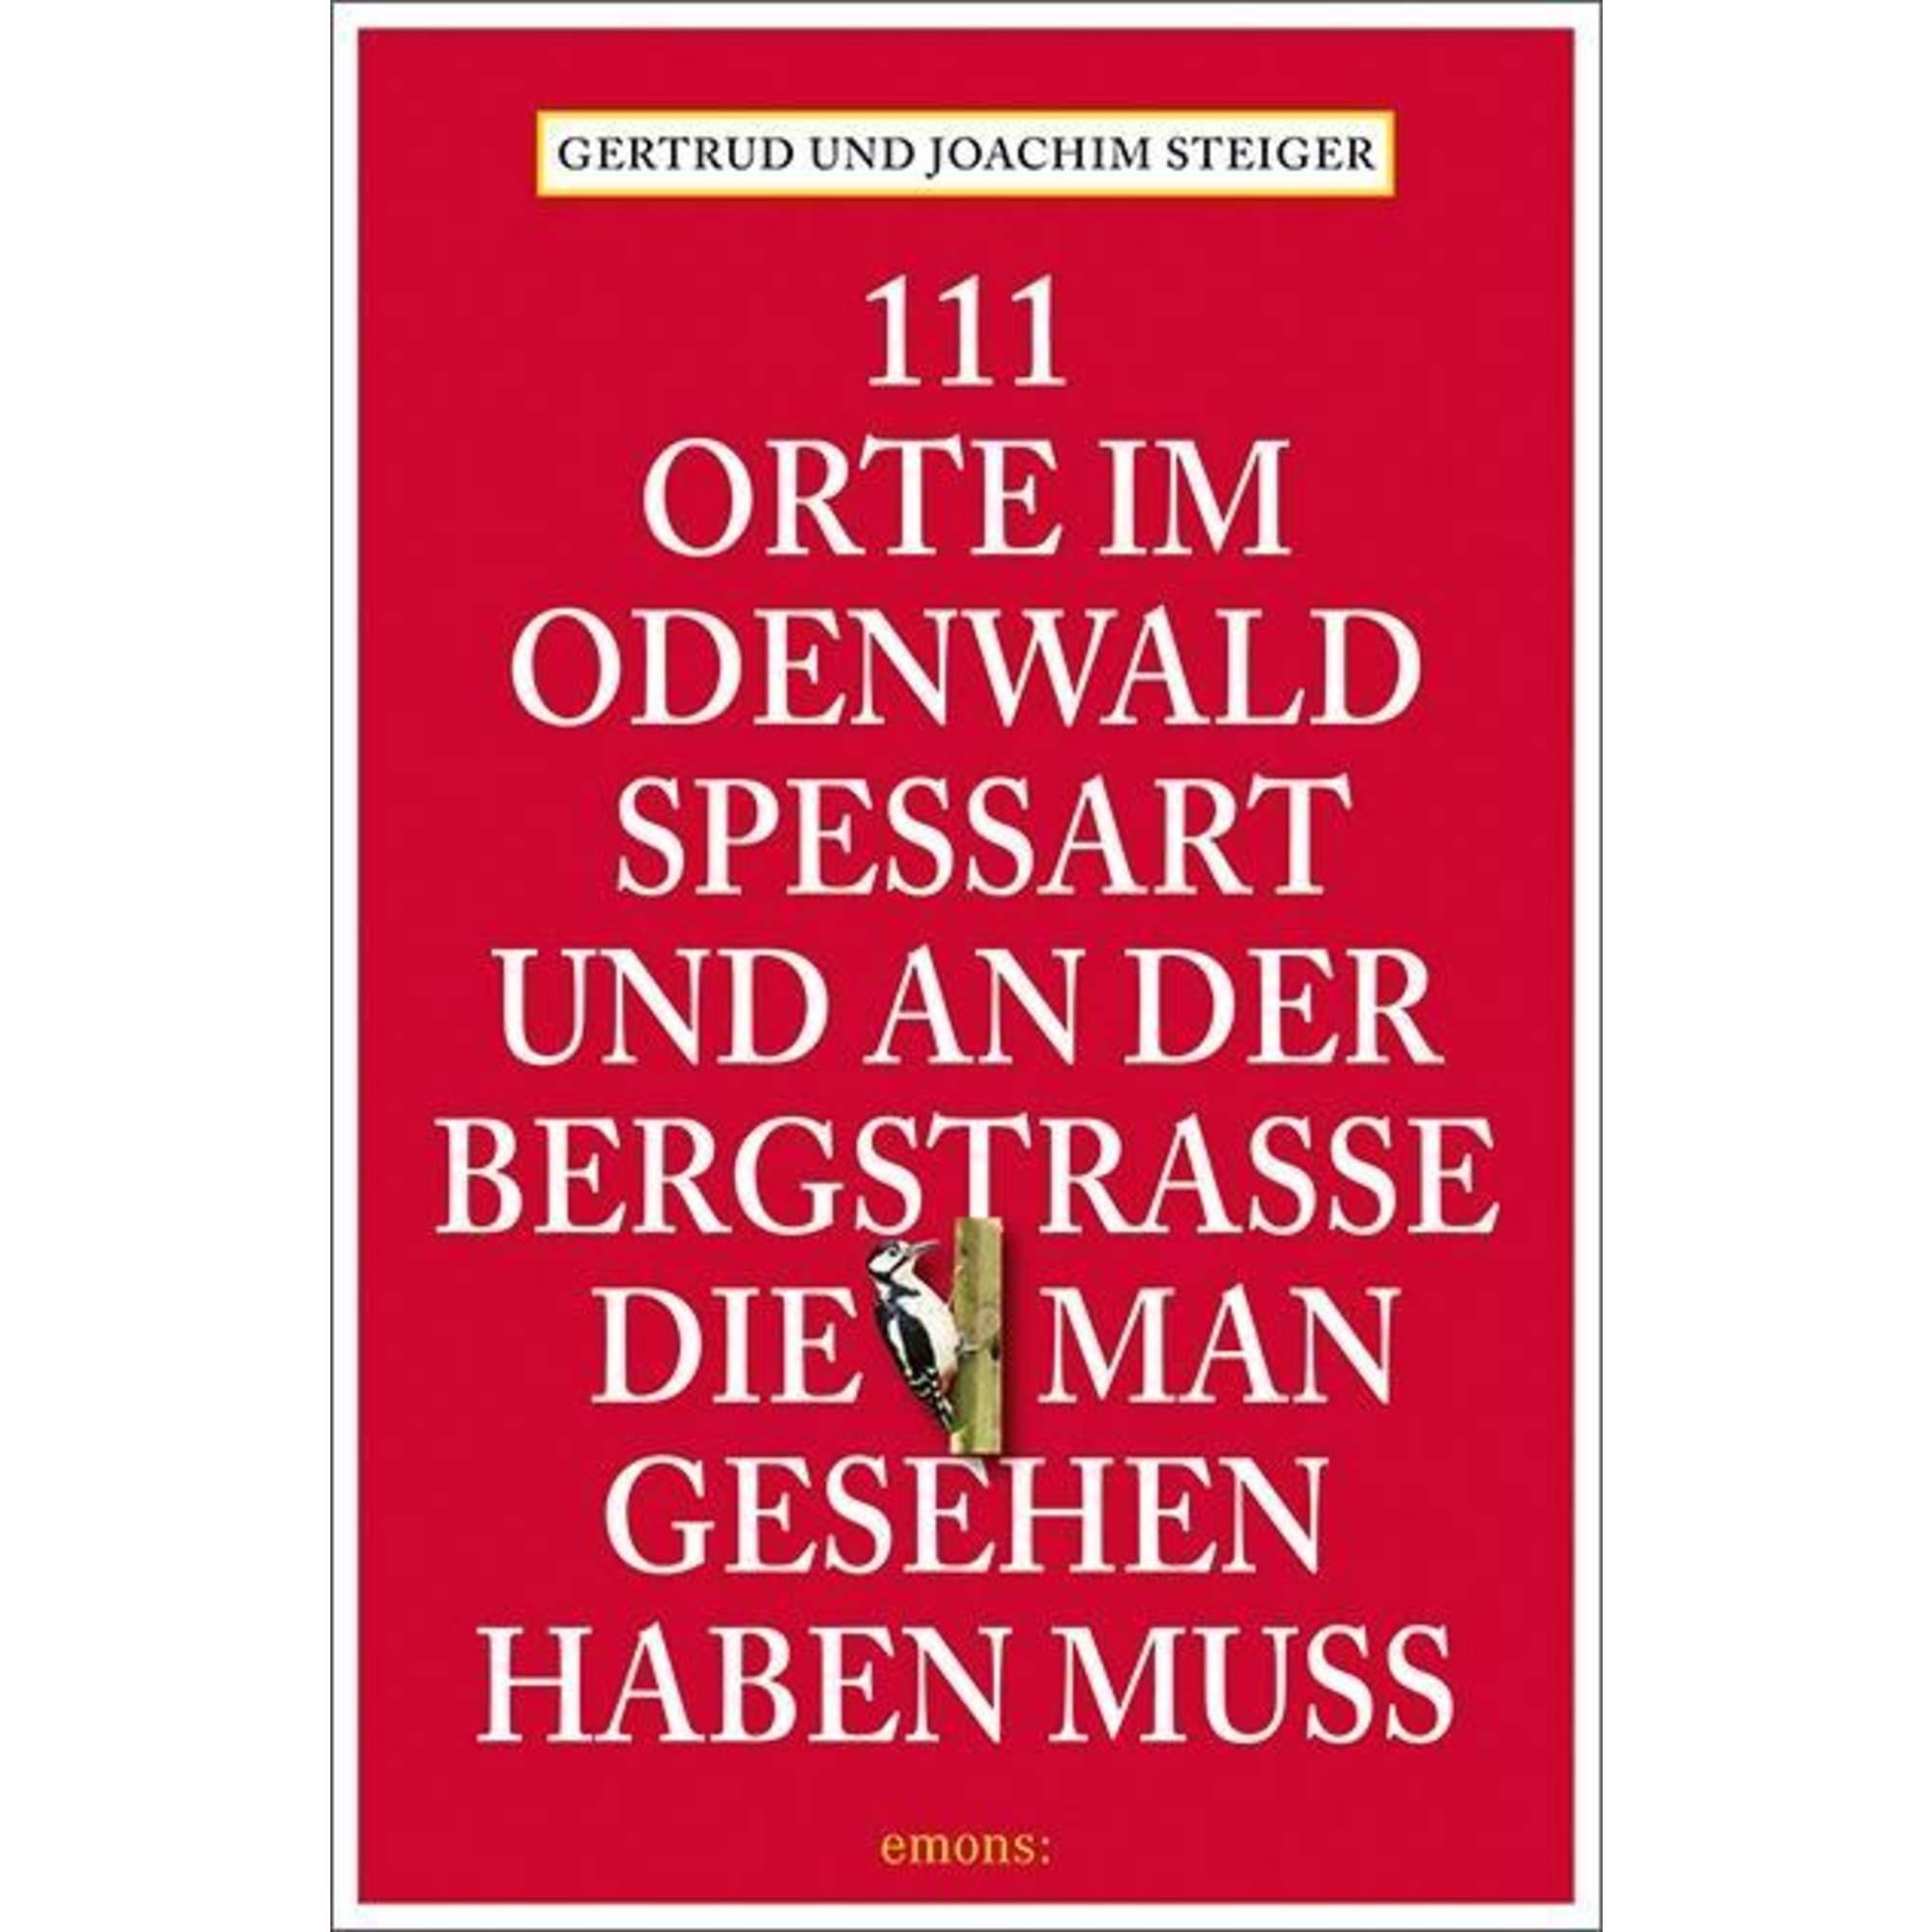 111 Orte im Odenwald, Spessart und an der Bergstrasse, die man gesehen haben muss, 16,95 Euro